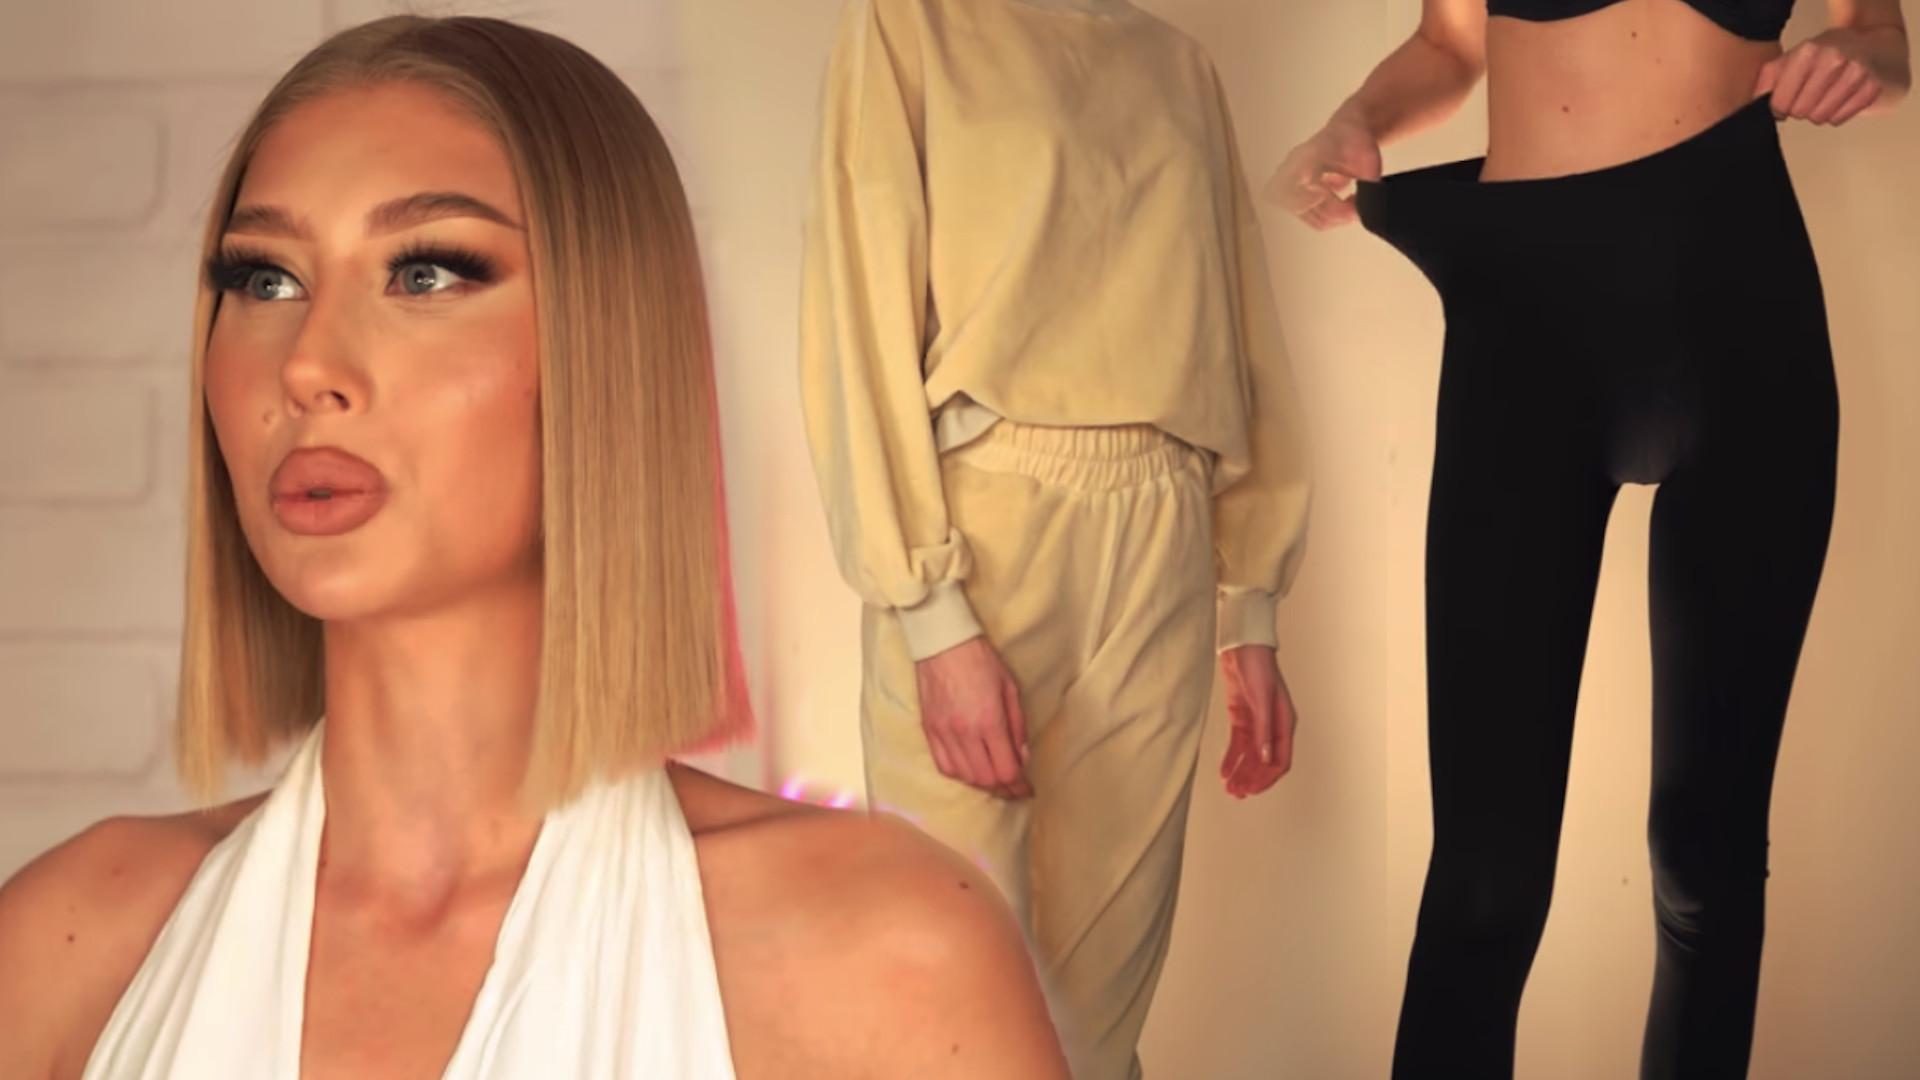 Youtuberka porównała ubrania Małgorzaty Rozenek i Aleksandry Żuraw. Większość z nich musiała zwrócić